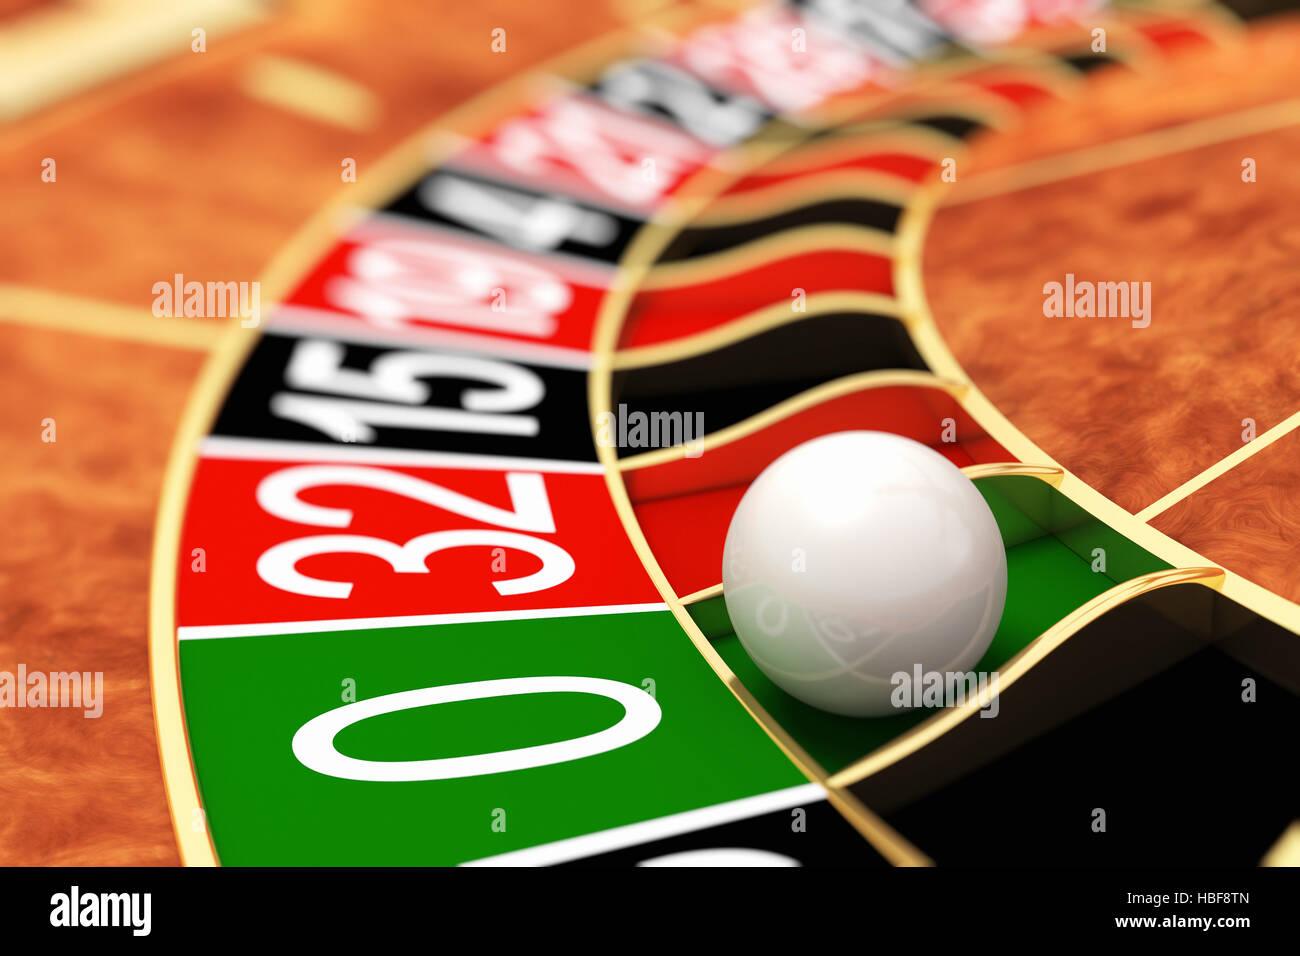 Casino roulette. Zero - Stock Image